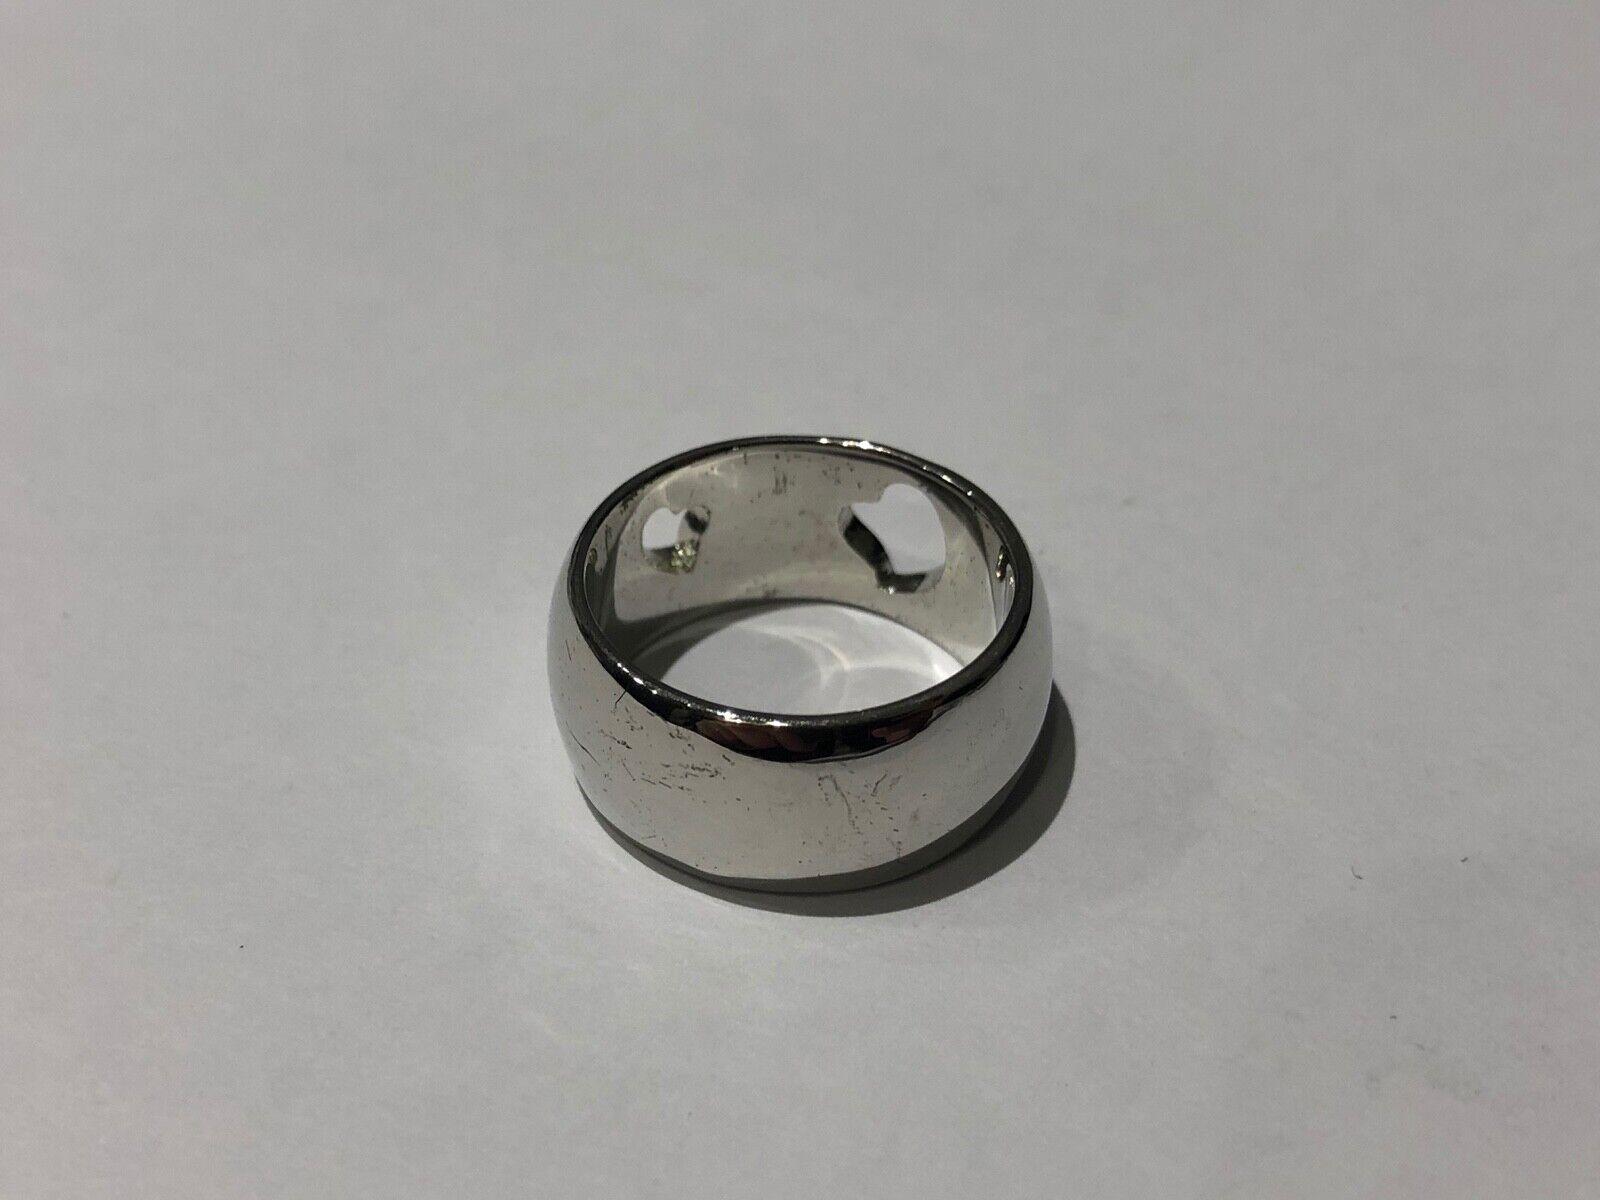 Ring Anello - Morellato - Silver - Size 14 - image 4